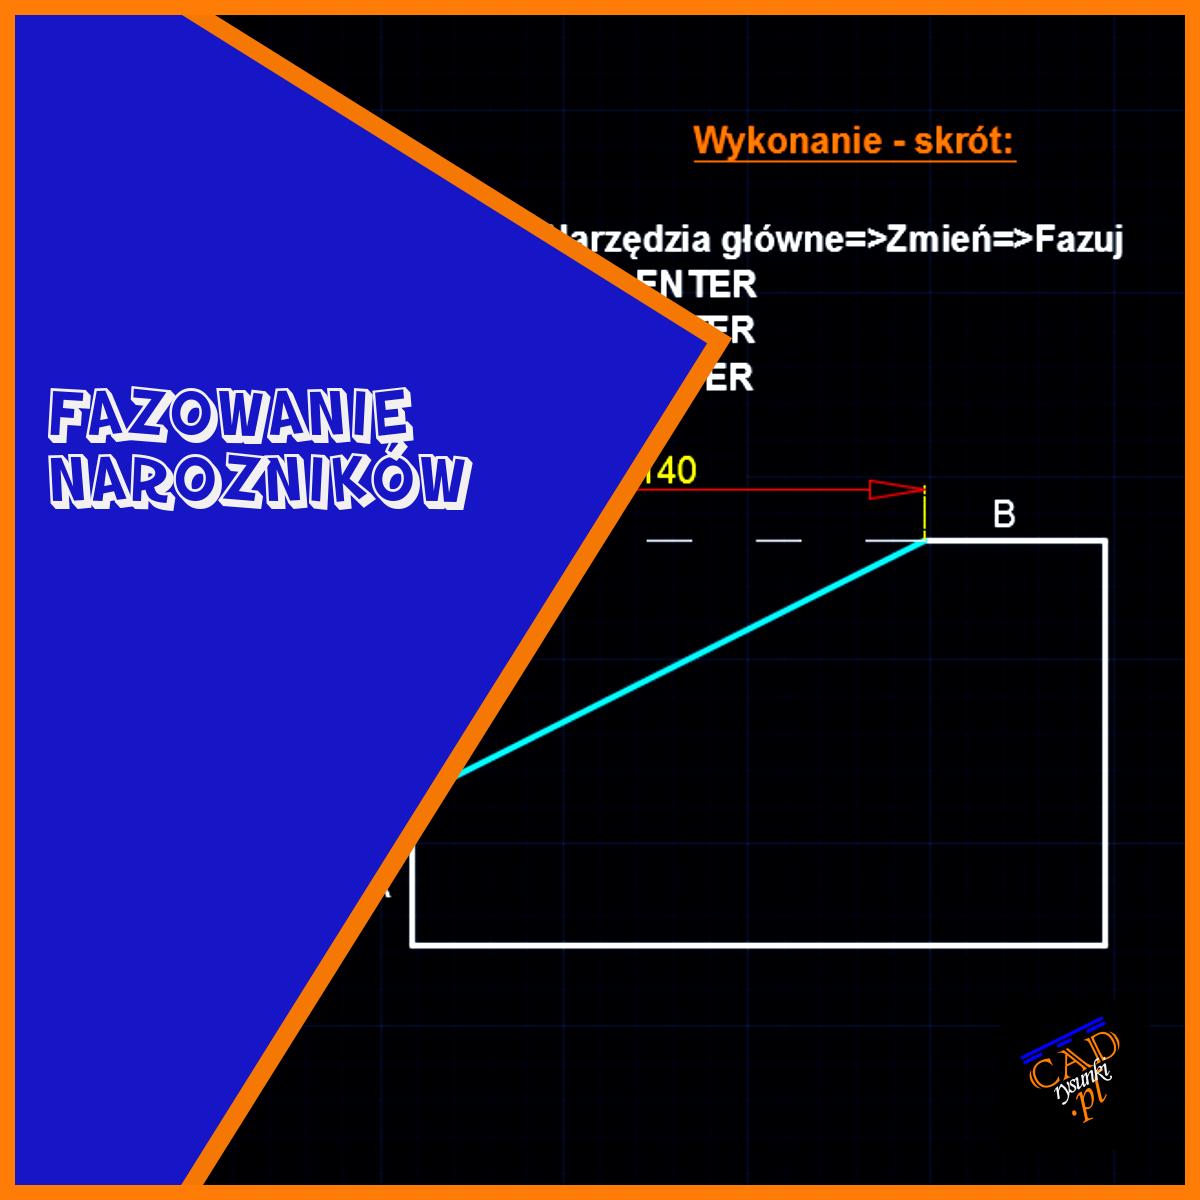 Ćwiczenie przedstawia metode fazowania narożników elementu krok po kroku wraz z rysunkiem tzw infograjika.